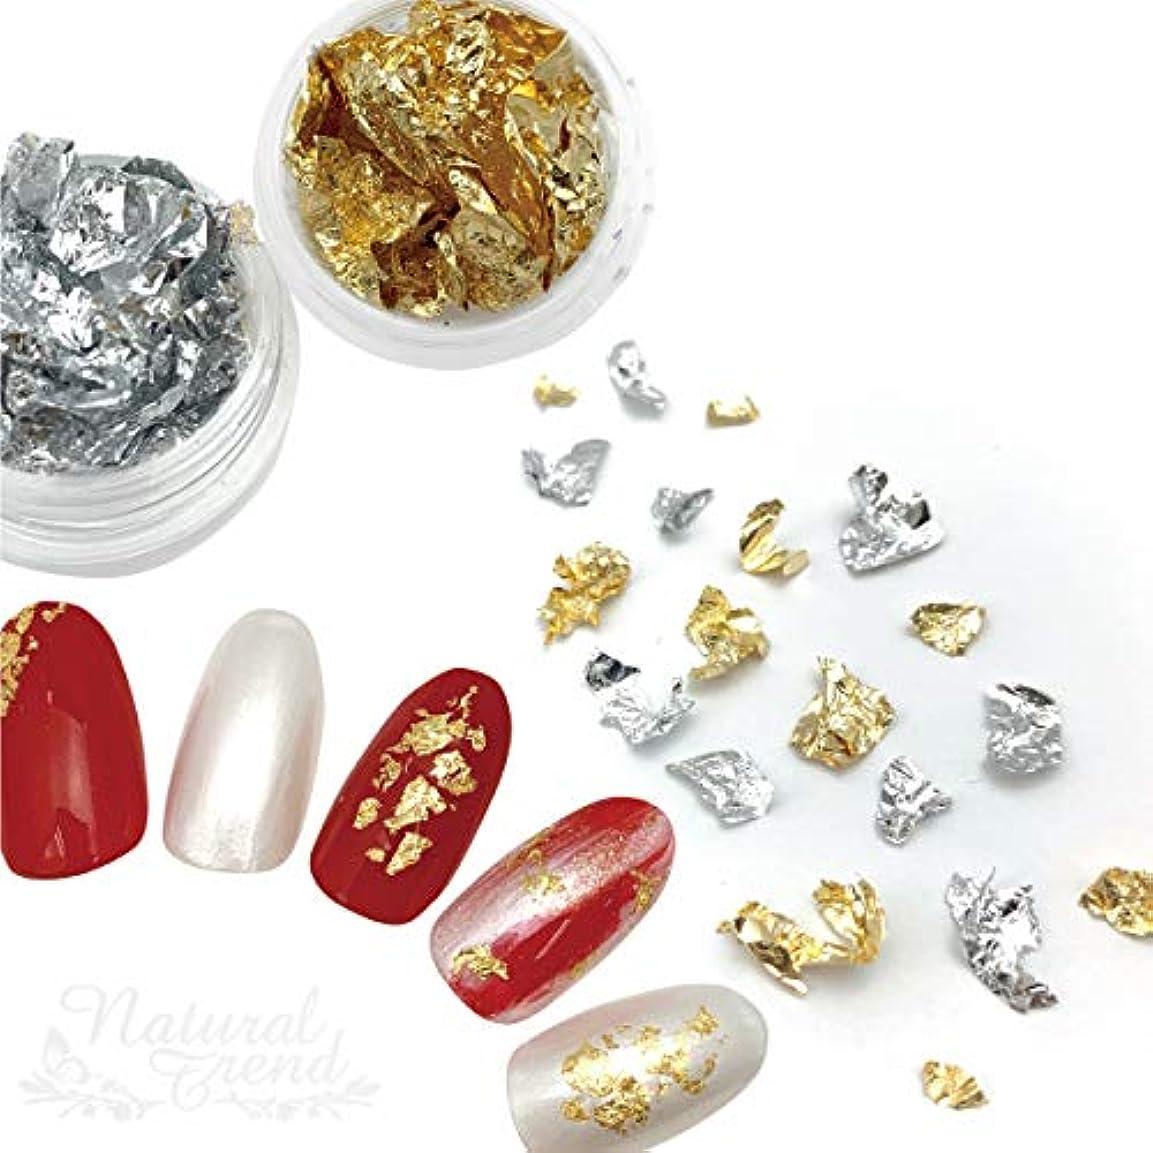 揮発性楽しませるバドミントンNatural Trend 金箔 銀箔 ネイルホイル ジェルネイルアート (ゴールド)